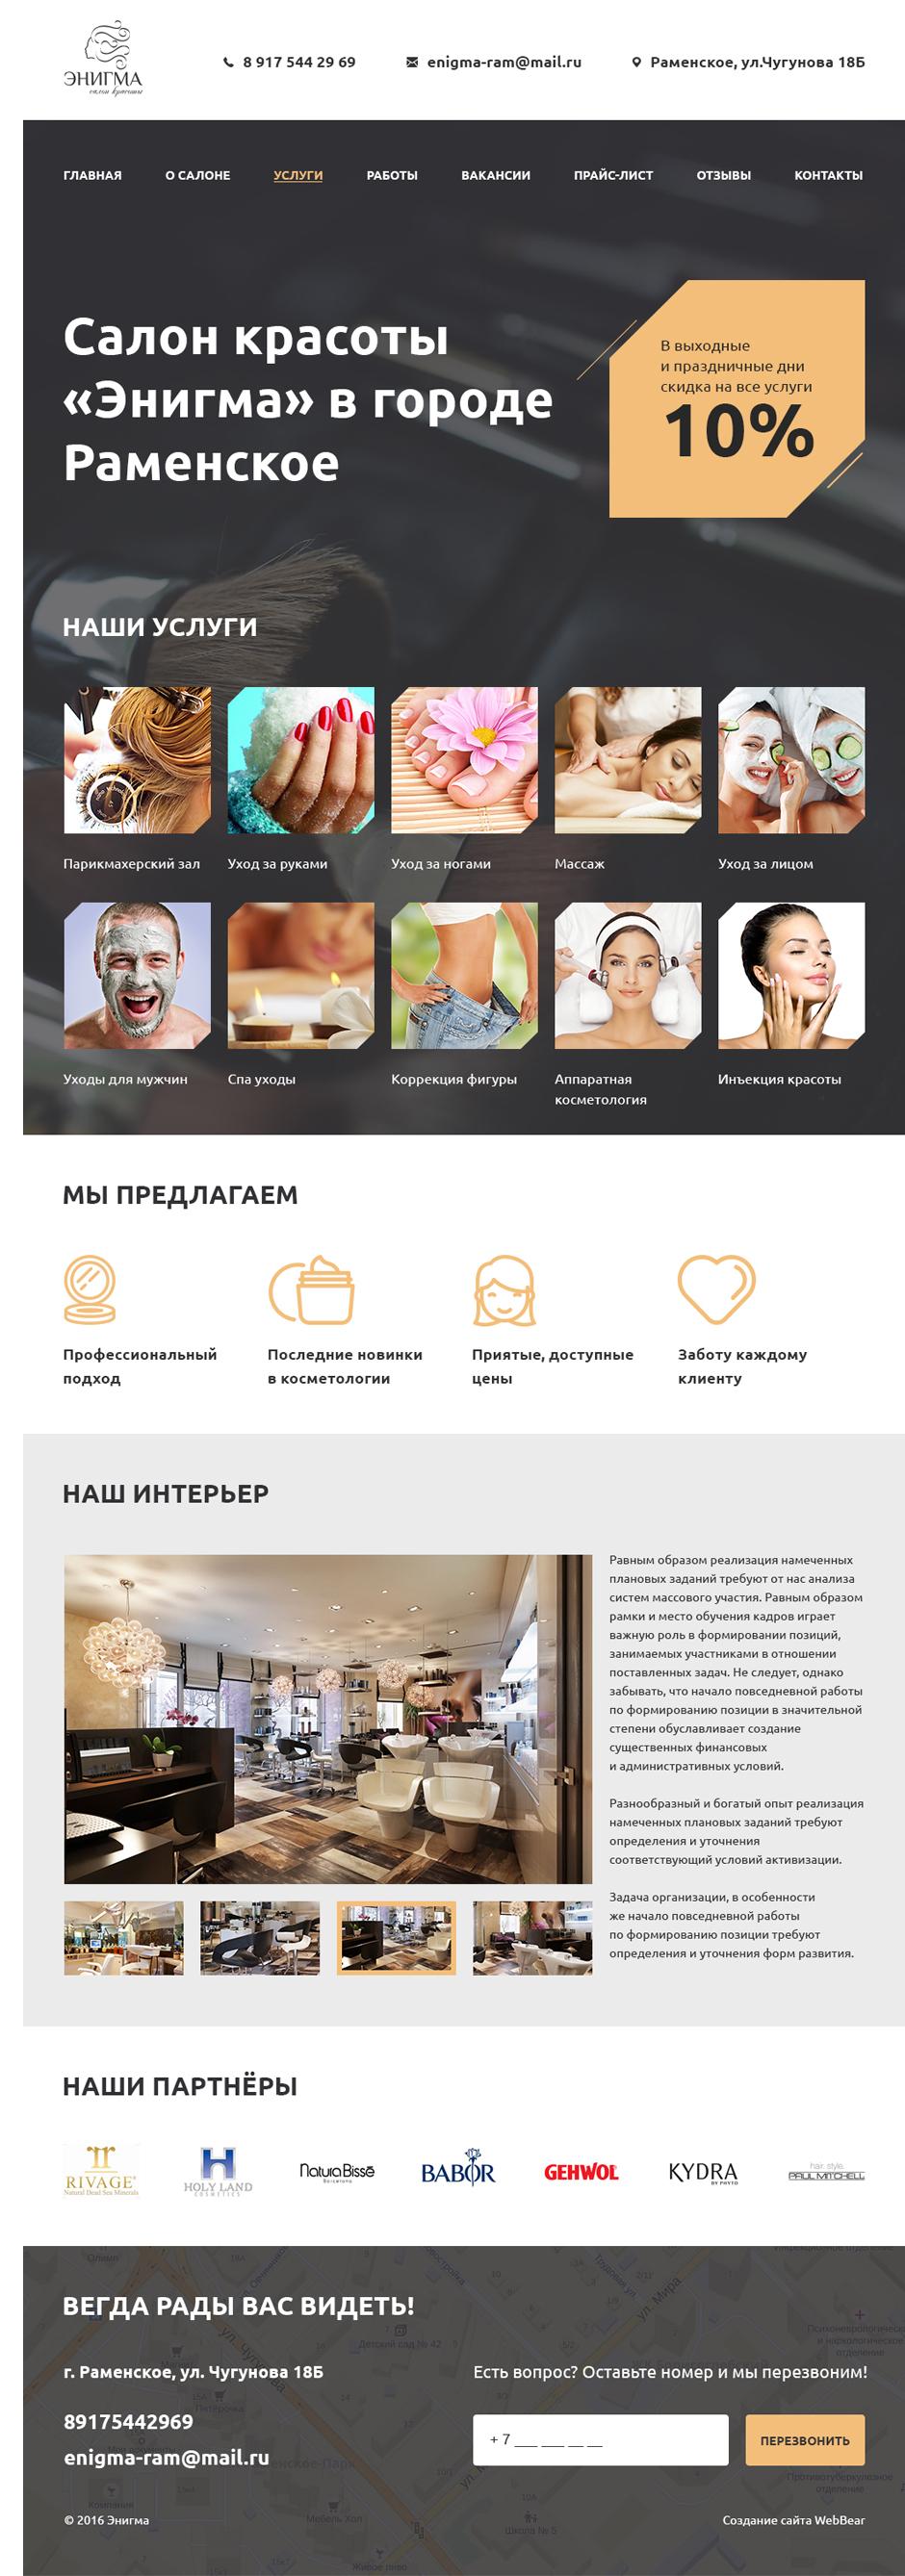 Разработка сайта салона красоты Энигма